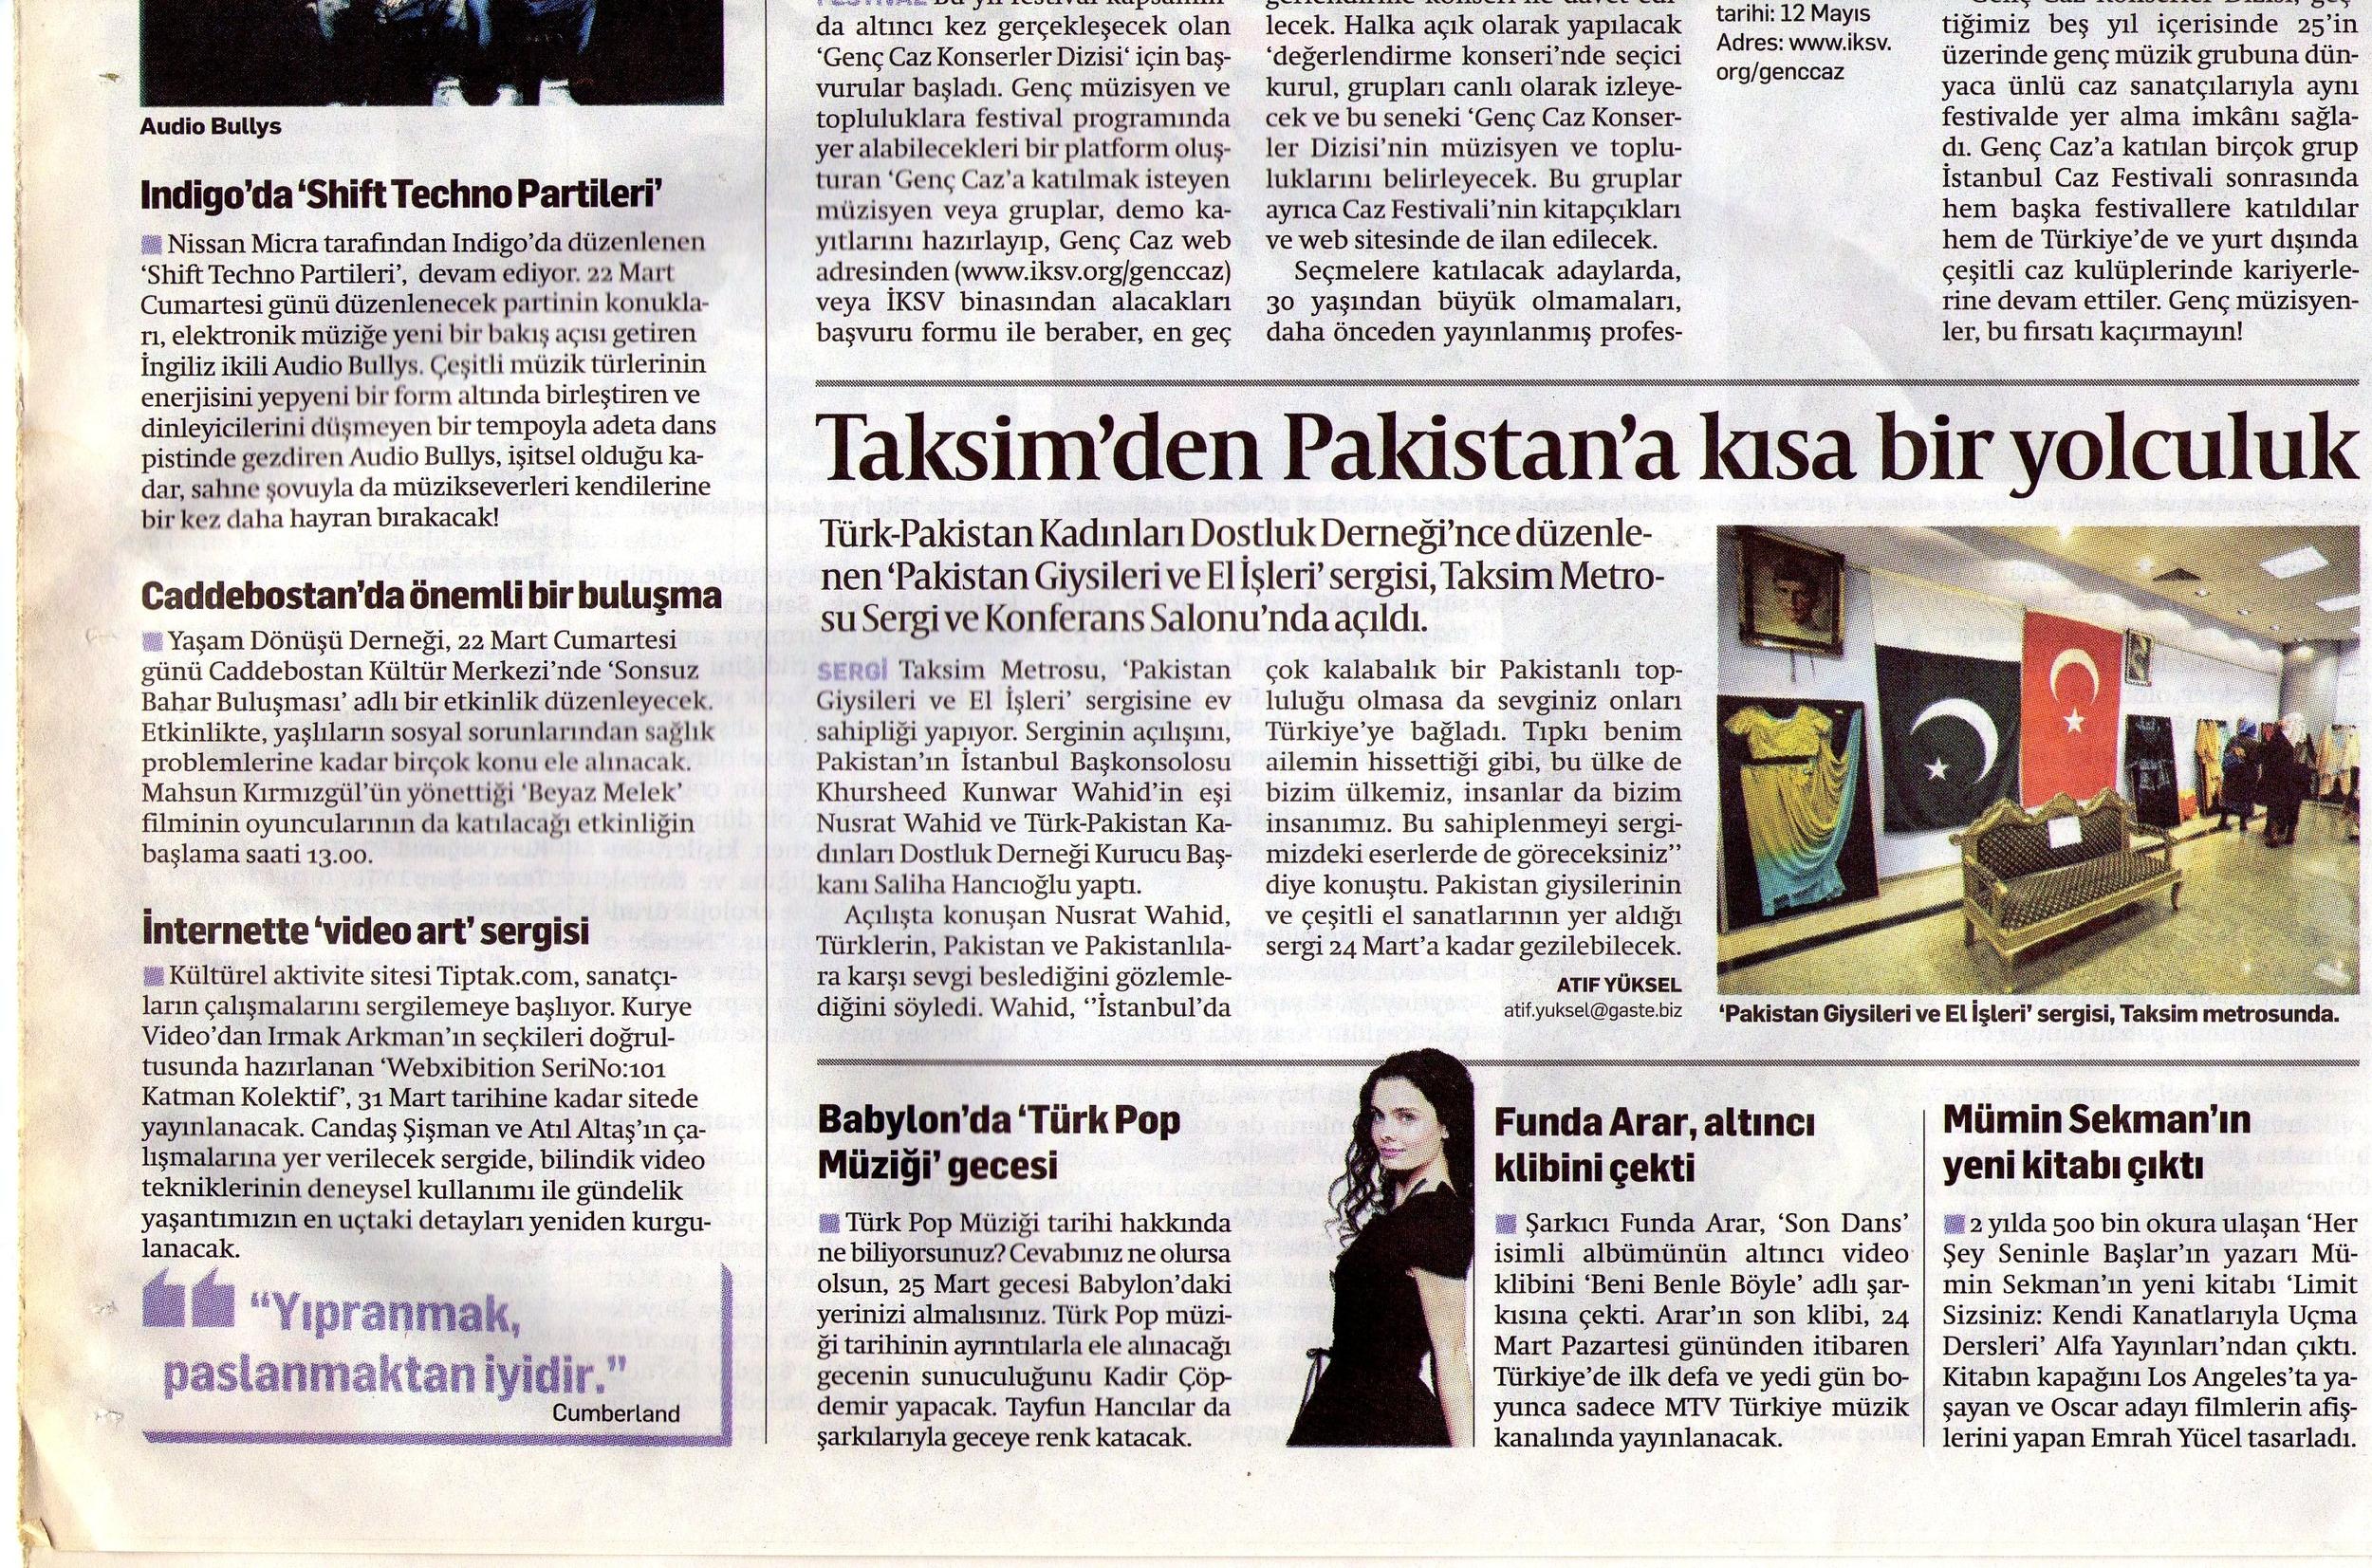 Gaste_21.03.2008_haber.JPG